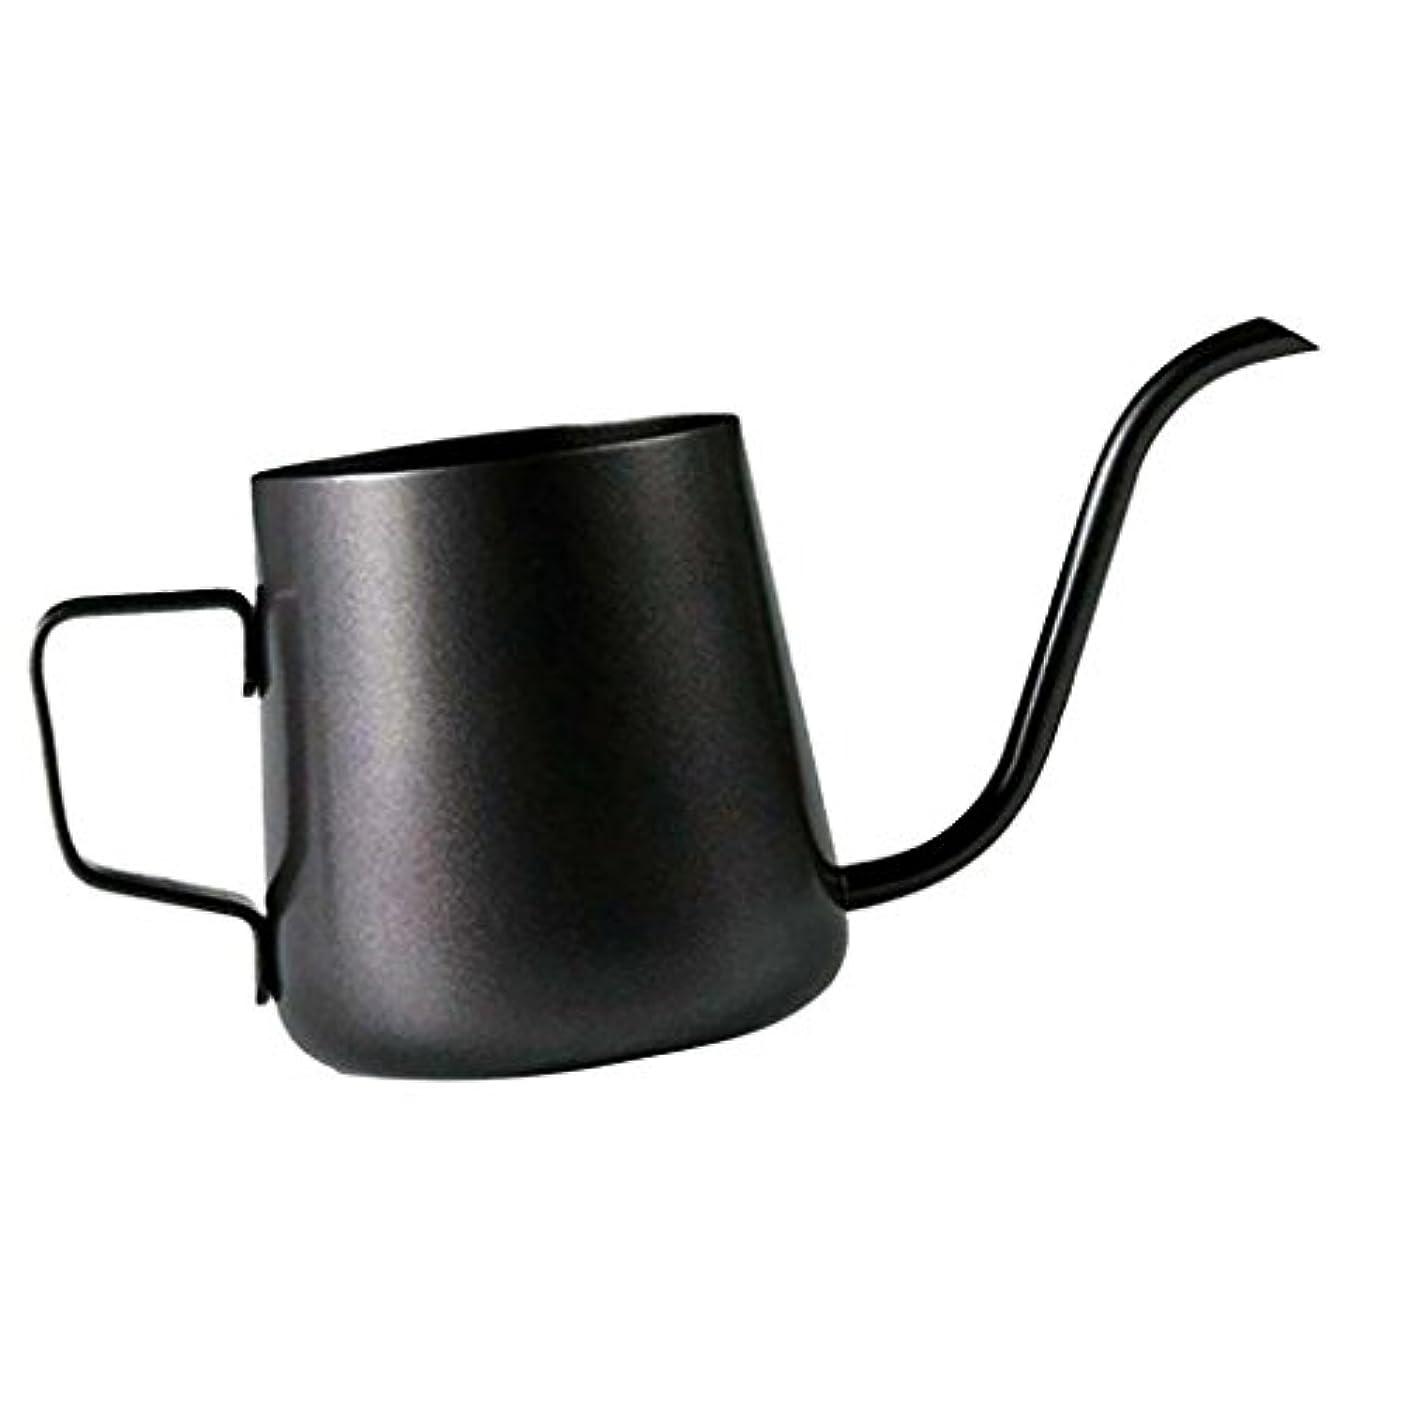 パントリー原稿プレーヤーHomeland コーヒーポット お茶などにも対応 クッキング用品 ステンレス製 エスプレッソポット ケトル - ブラック, 250ミリリットル